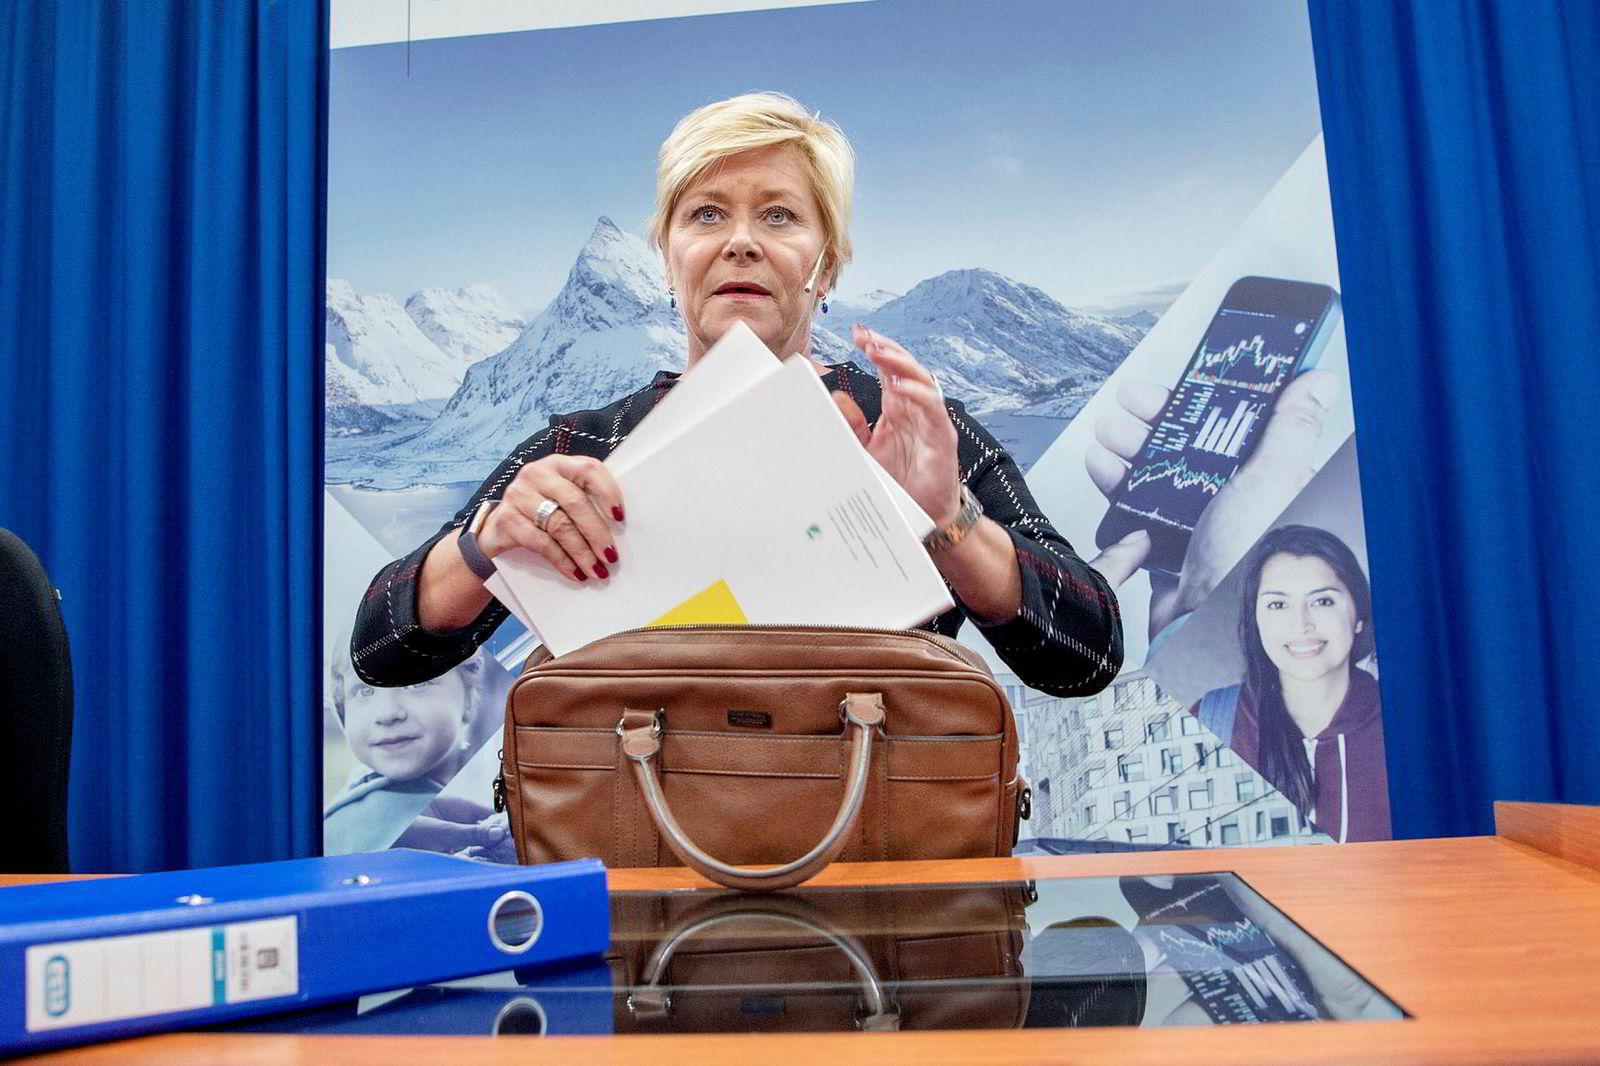 Frp-leder Siv Jensen har truet med å felle regjeringen hvis iskanten ble flyttet sørover.